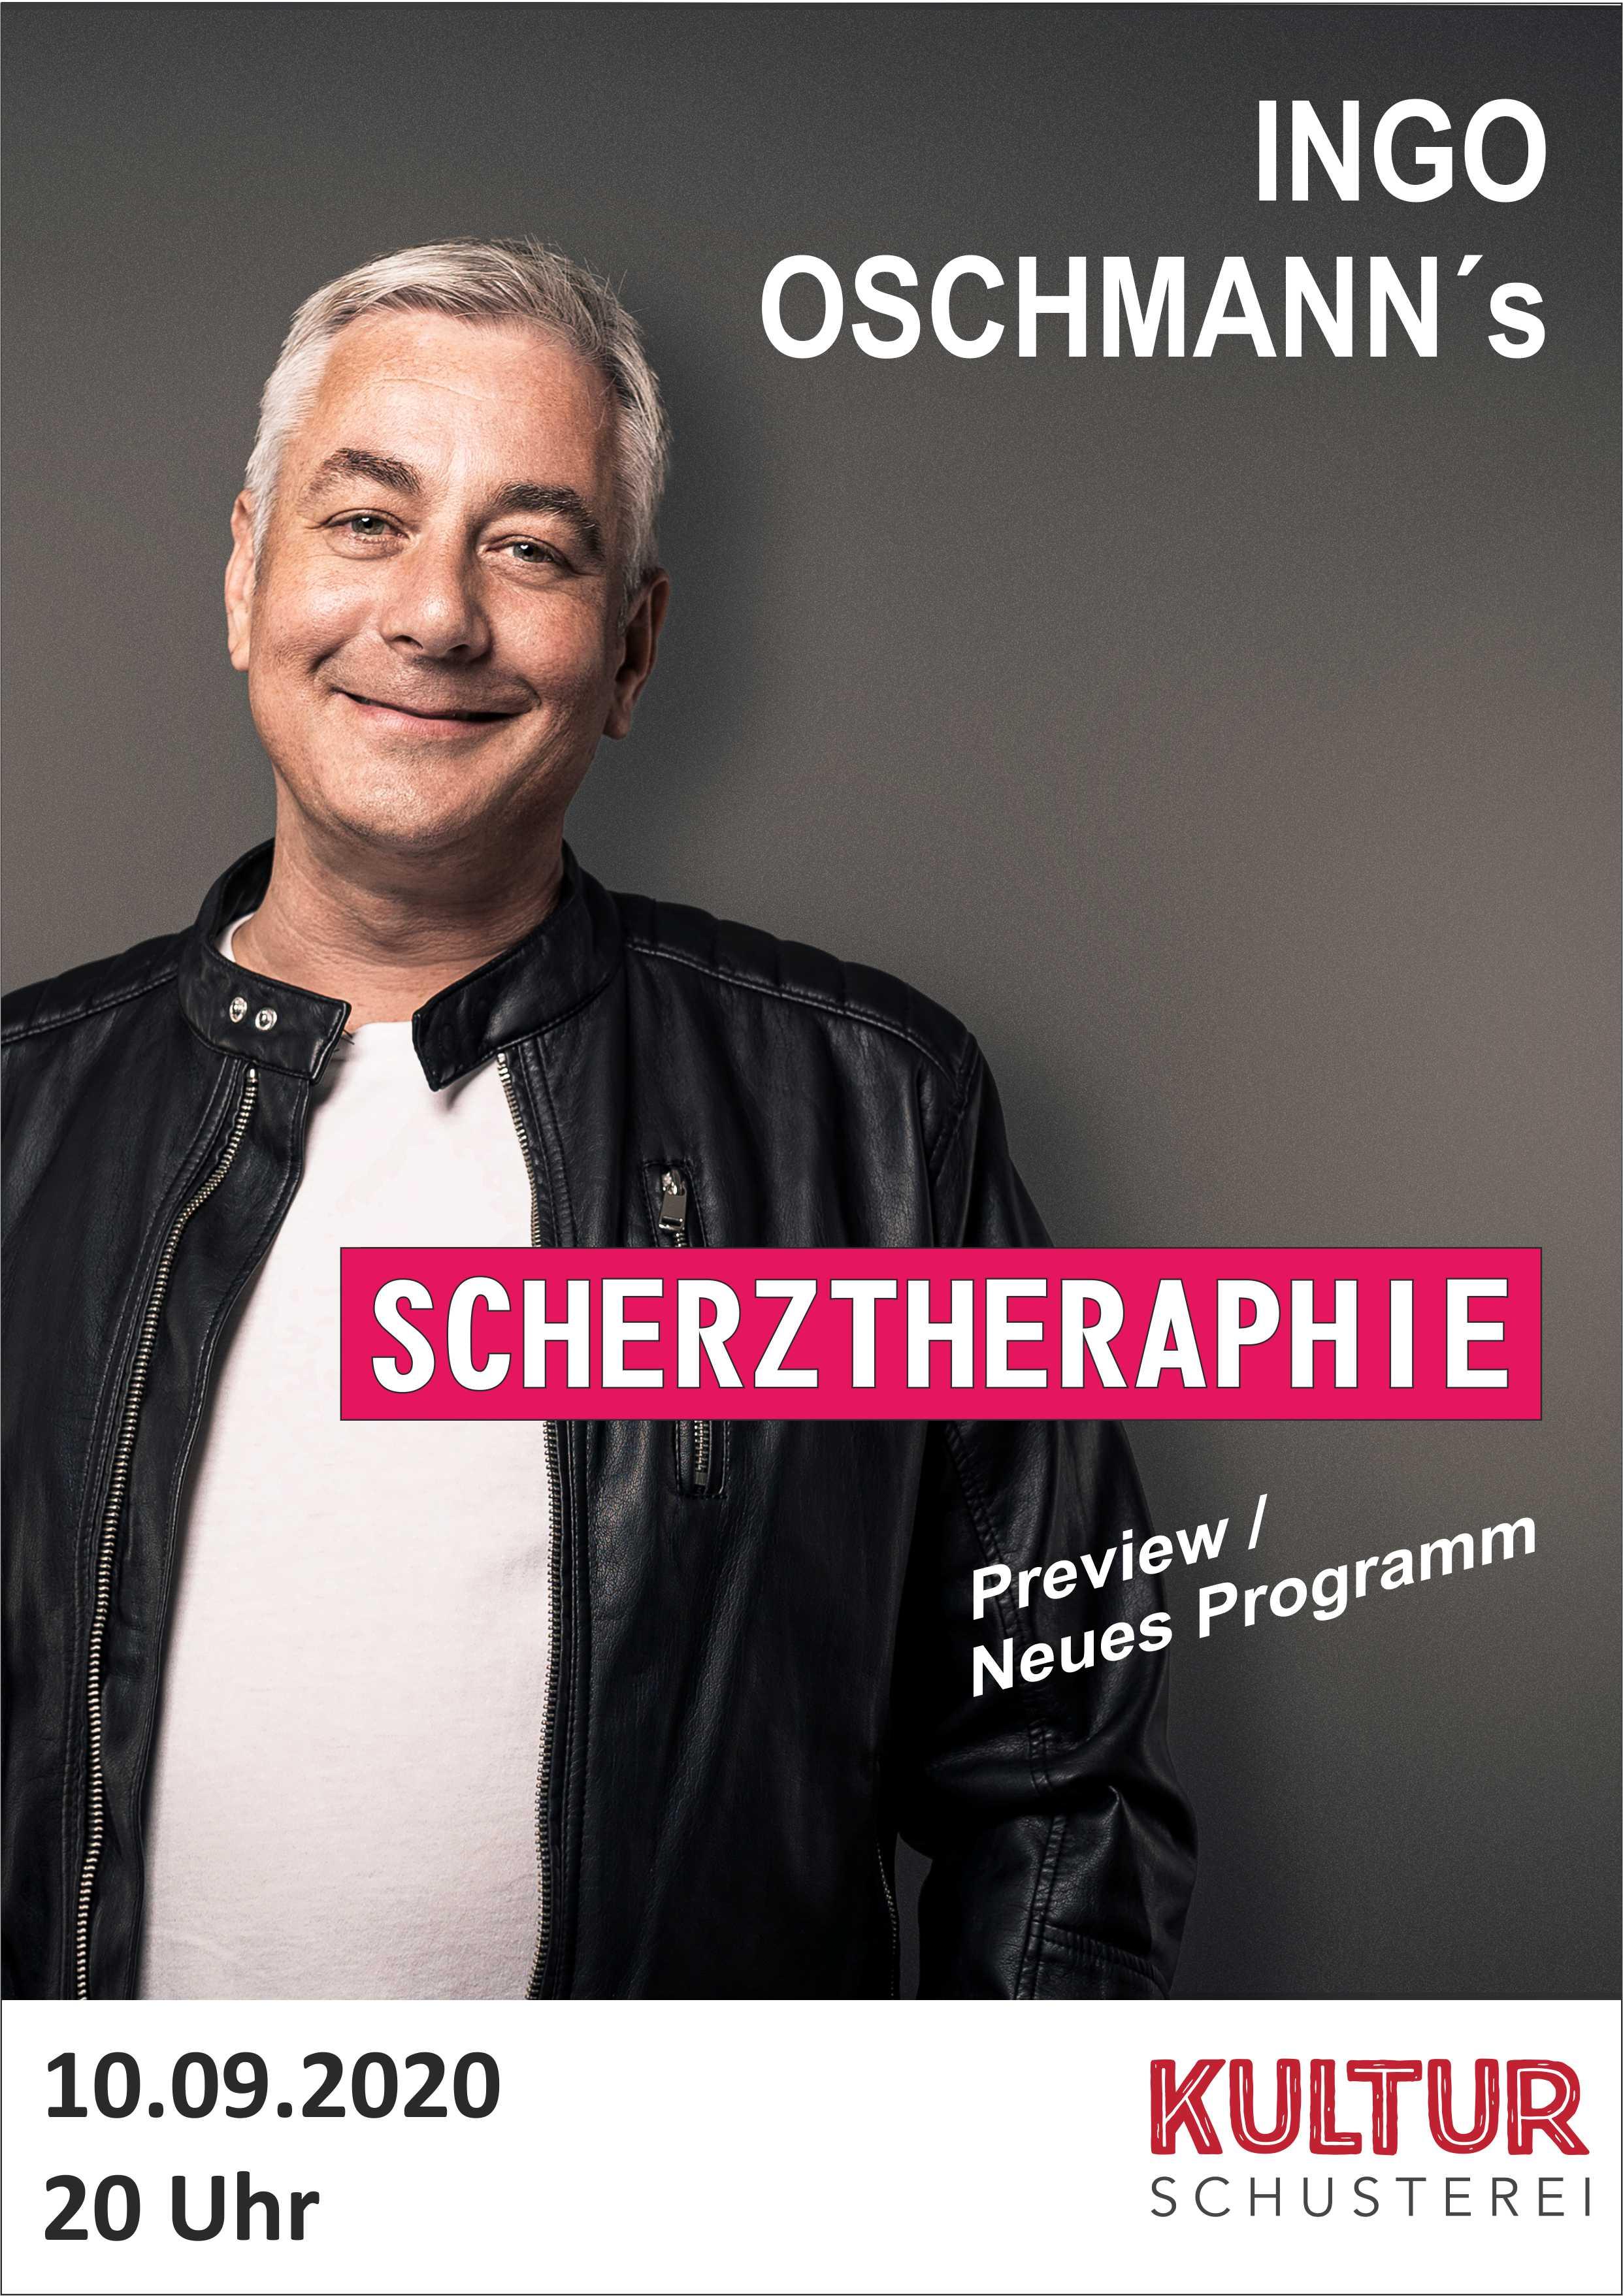 Link zu der Veranstaltung Ingo Oschmann´s   SCHERZTHERAPIE